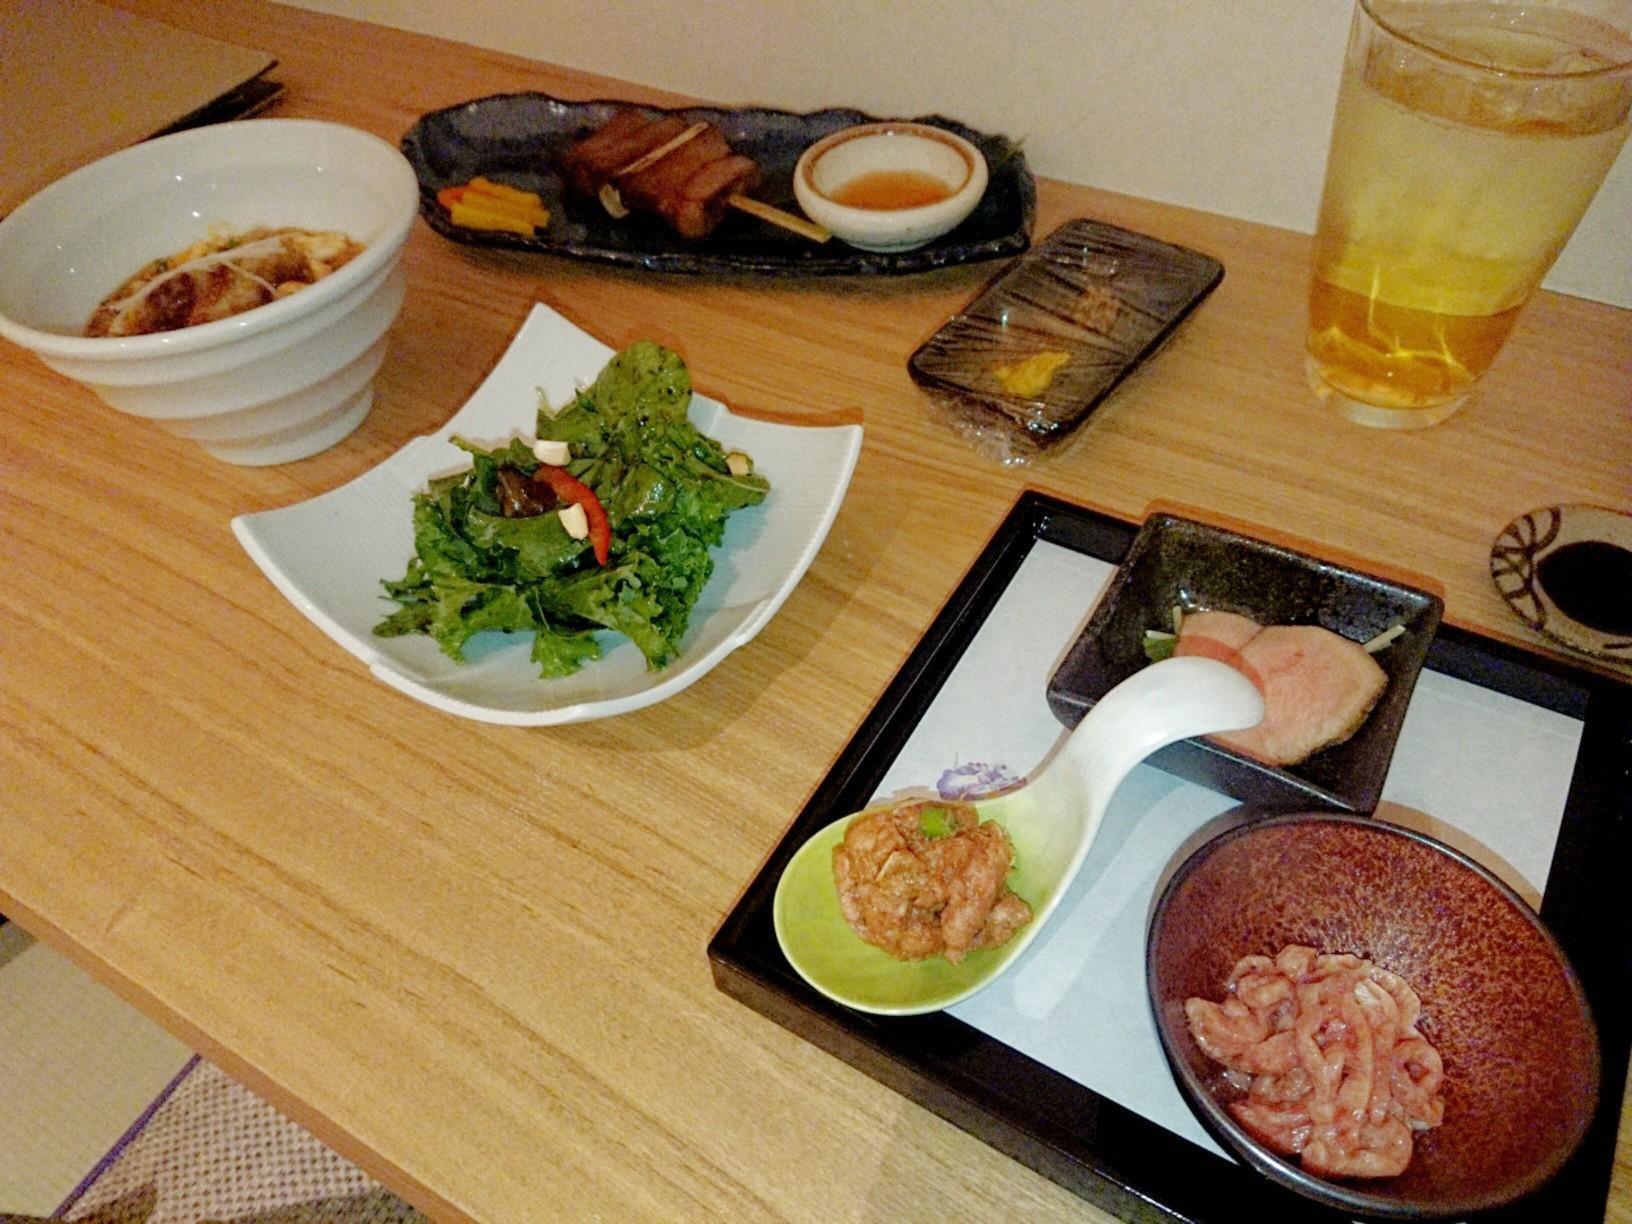 プロスタイル旅館料理①